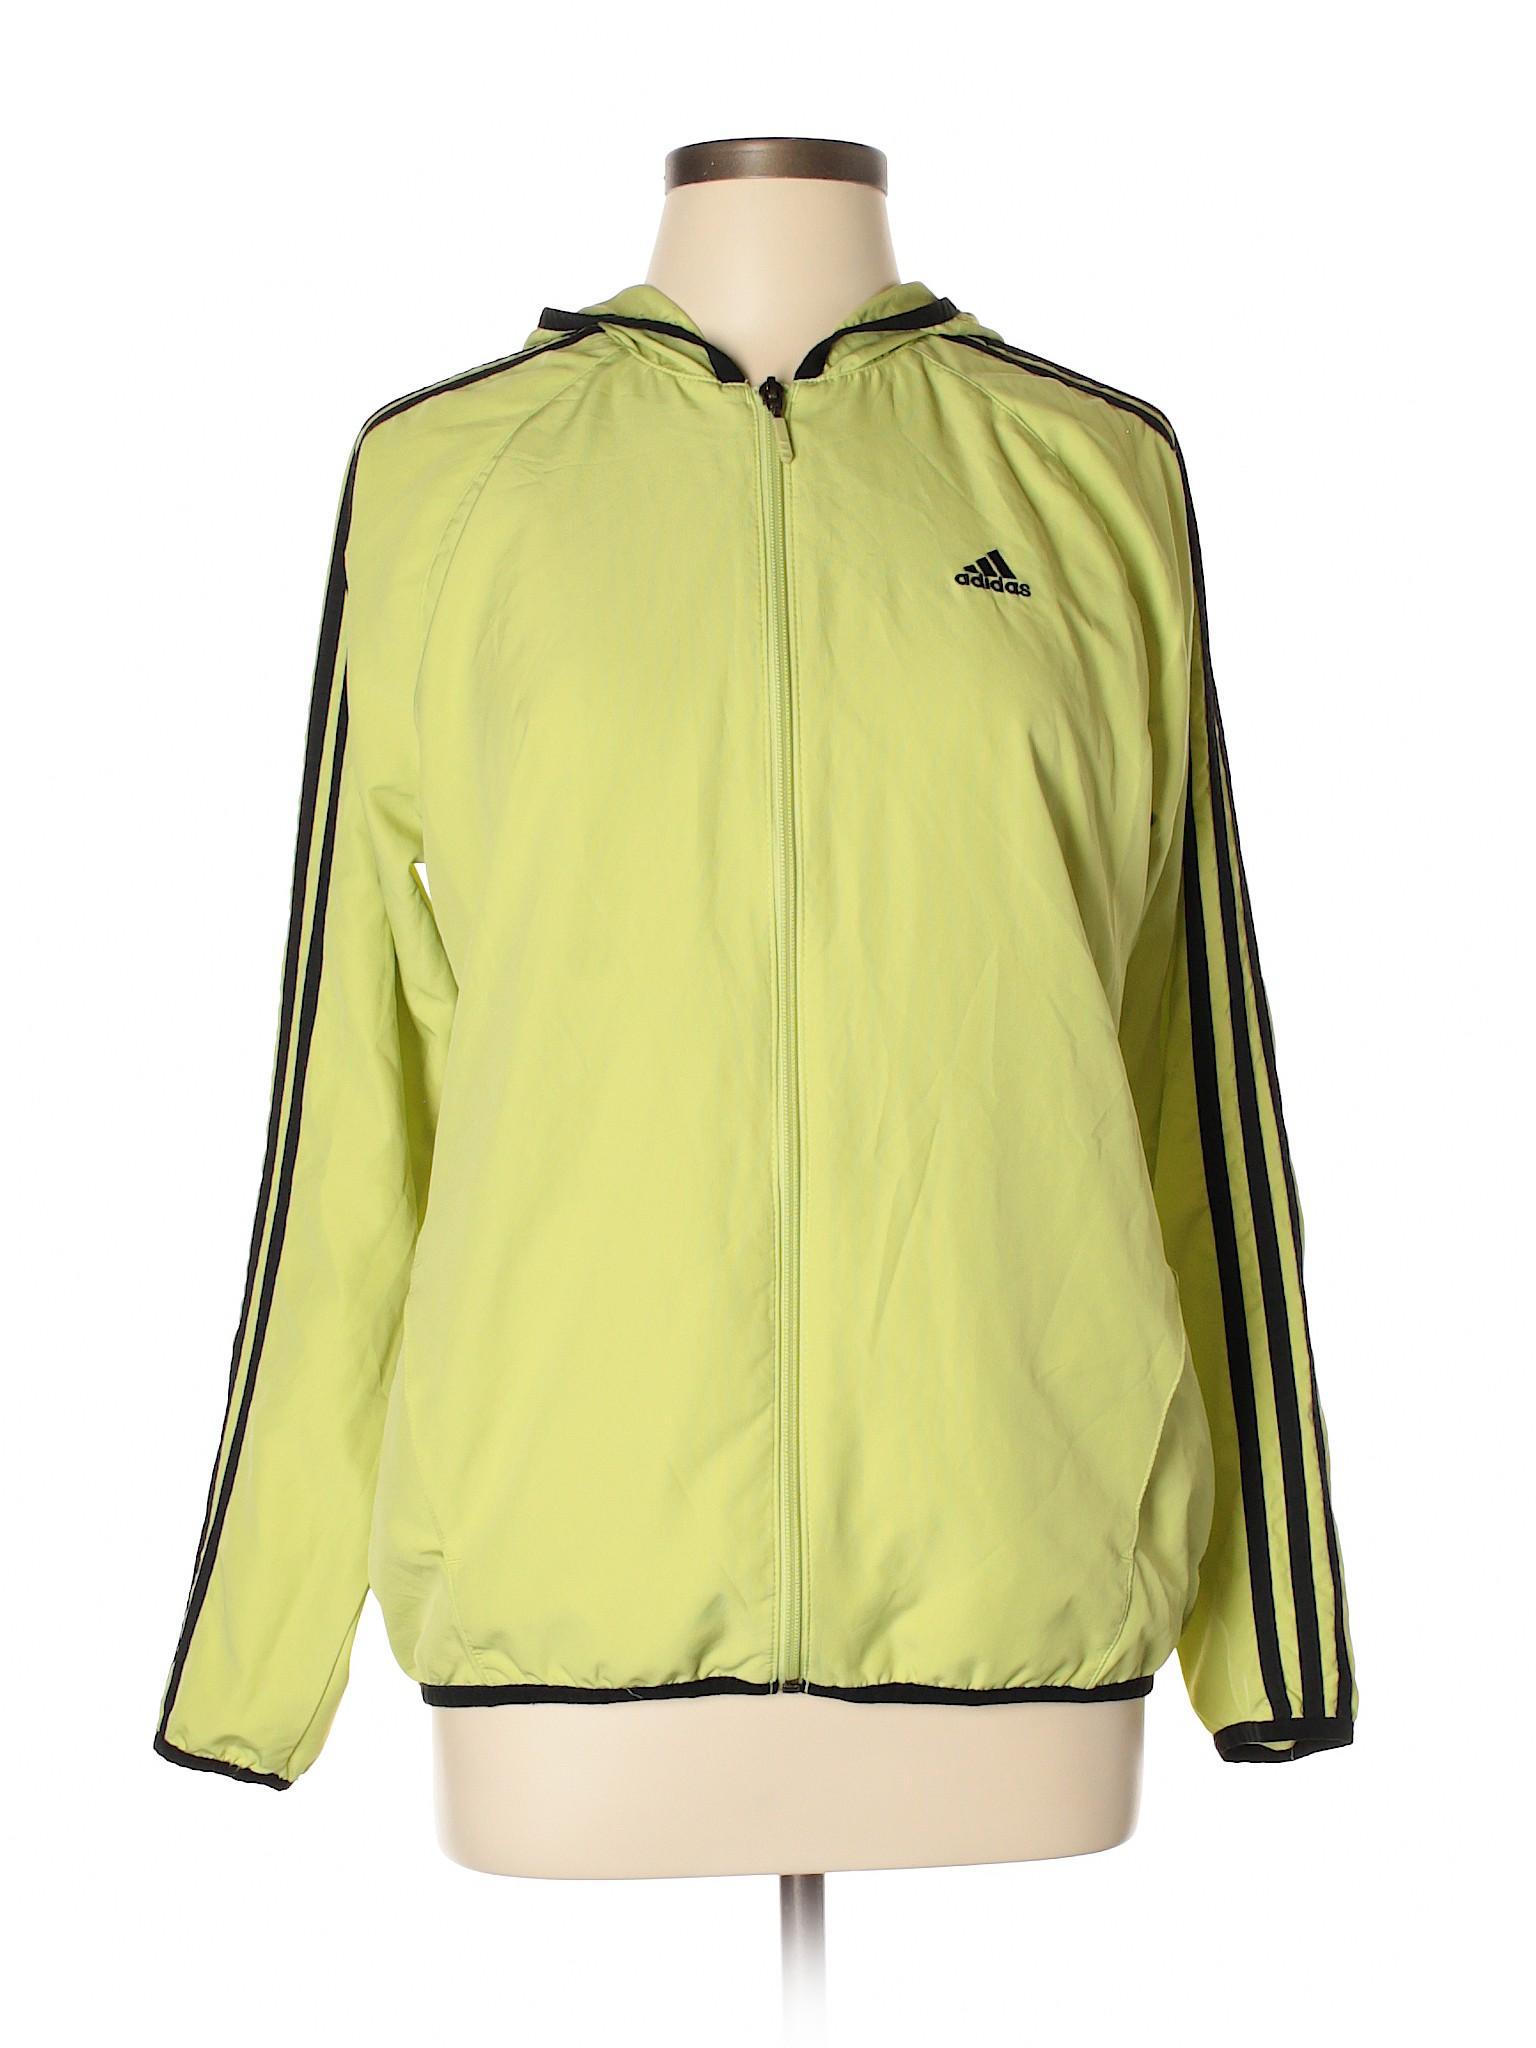 Boutique Jacket Boutique leisure Adidas Track Track Jacket leisure Adidas vn7qCwxZP